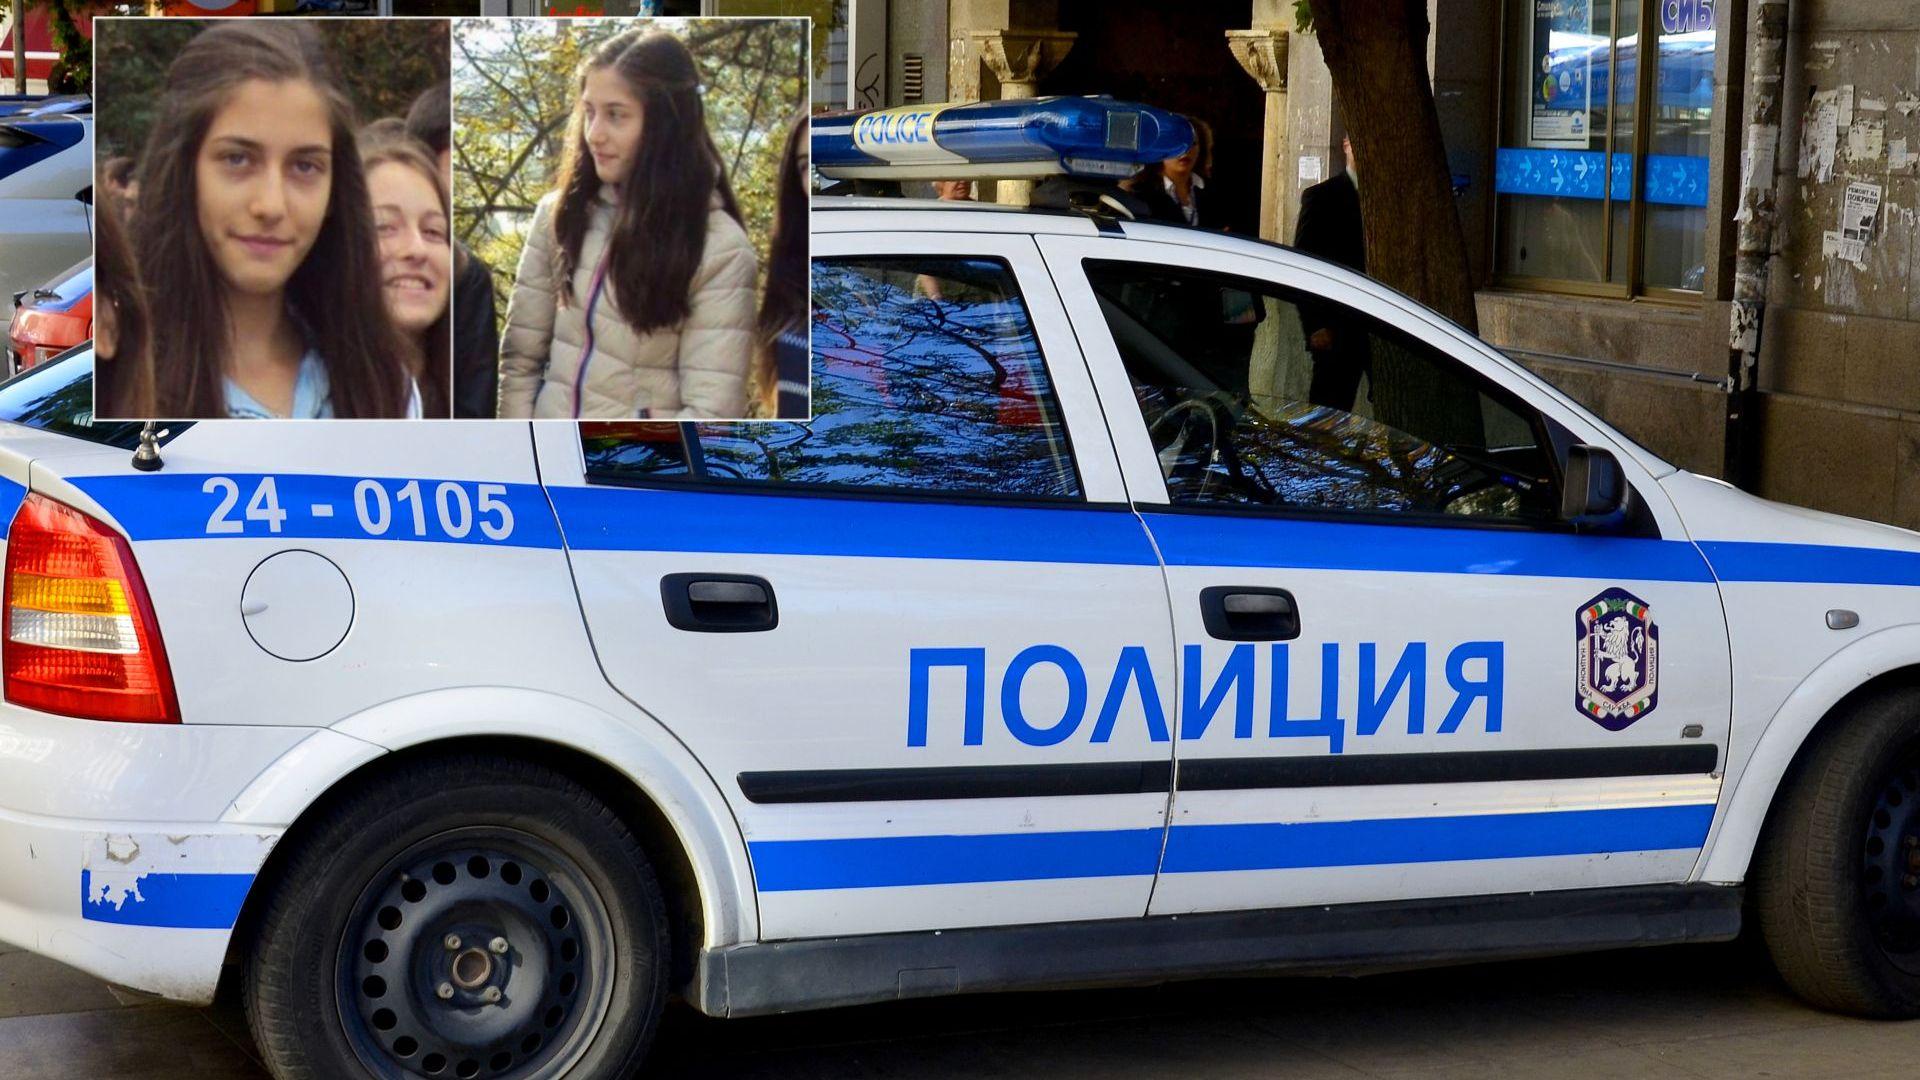 Областната дирекция на полицията в Хасково откри денонощна телефонна линия